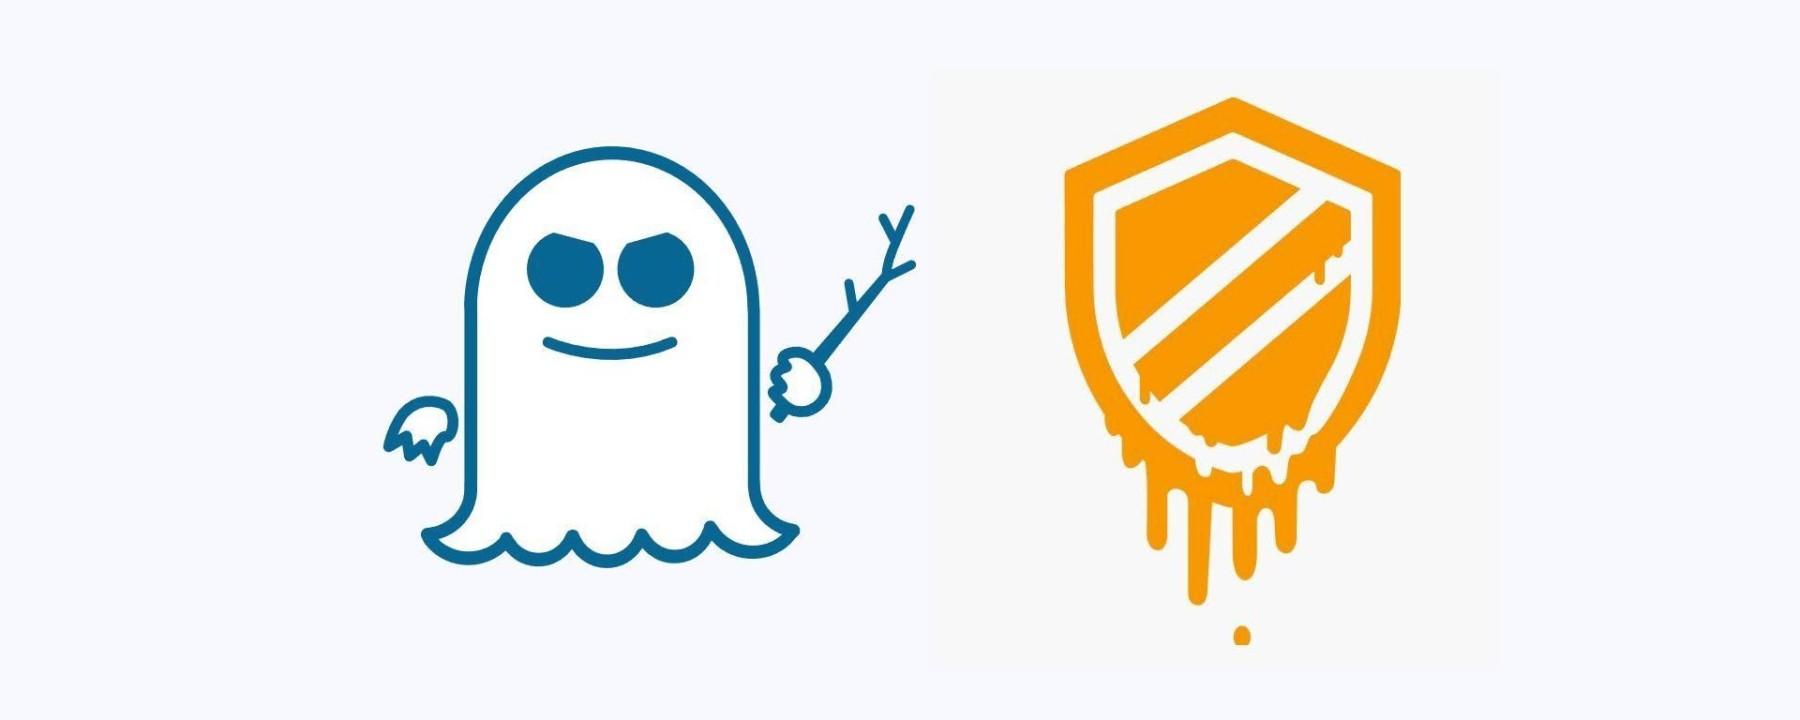 Descubiertos 7 nuevos posible ataques tipo Meltdown y Spectre